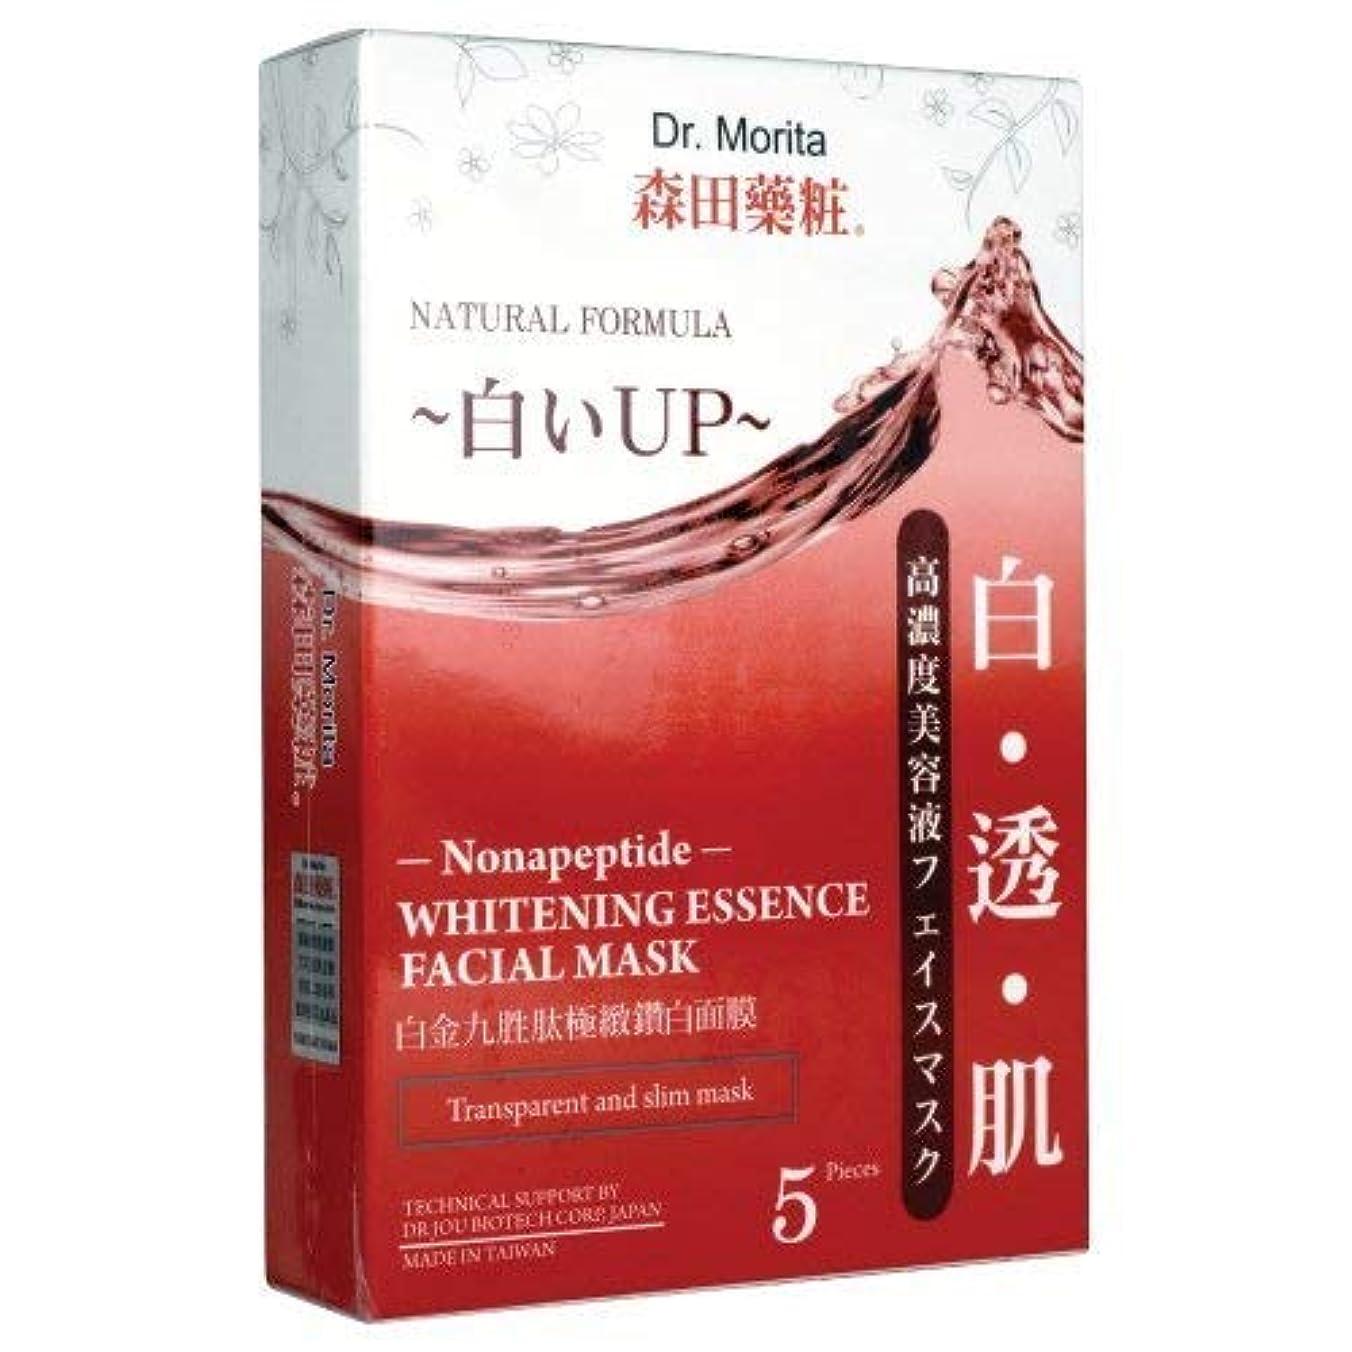 Doctor Morita 皮膚はしなやかでしっとりするようにナノペプチドは、マスク5皮膚とのバランス肌の水分レベルをホワイトニング。